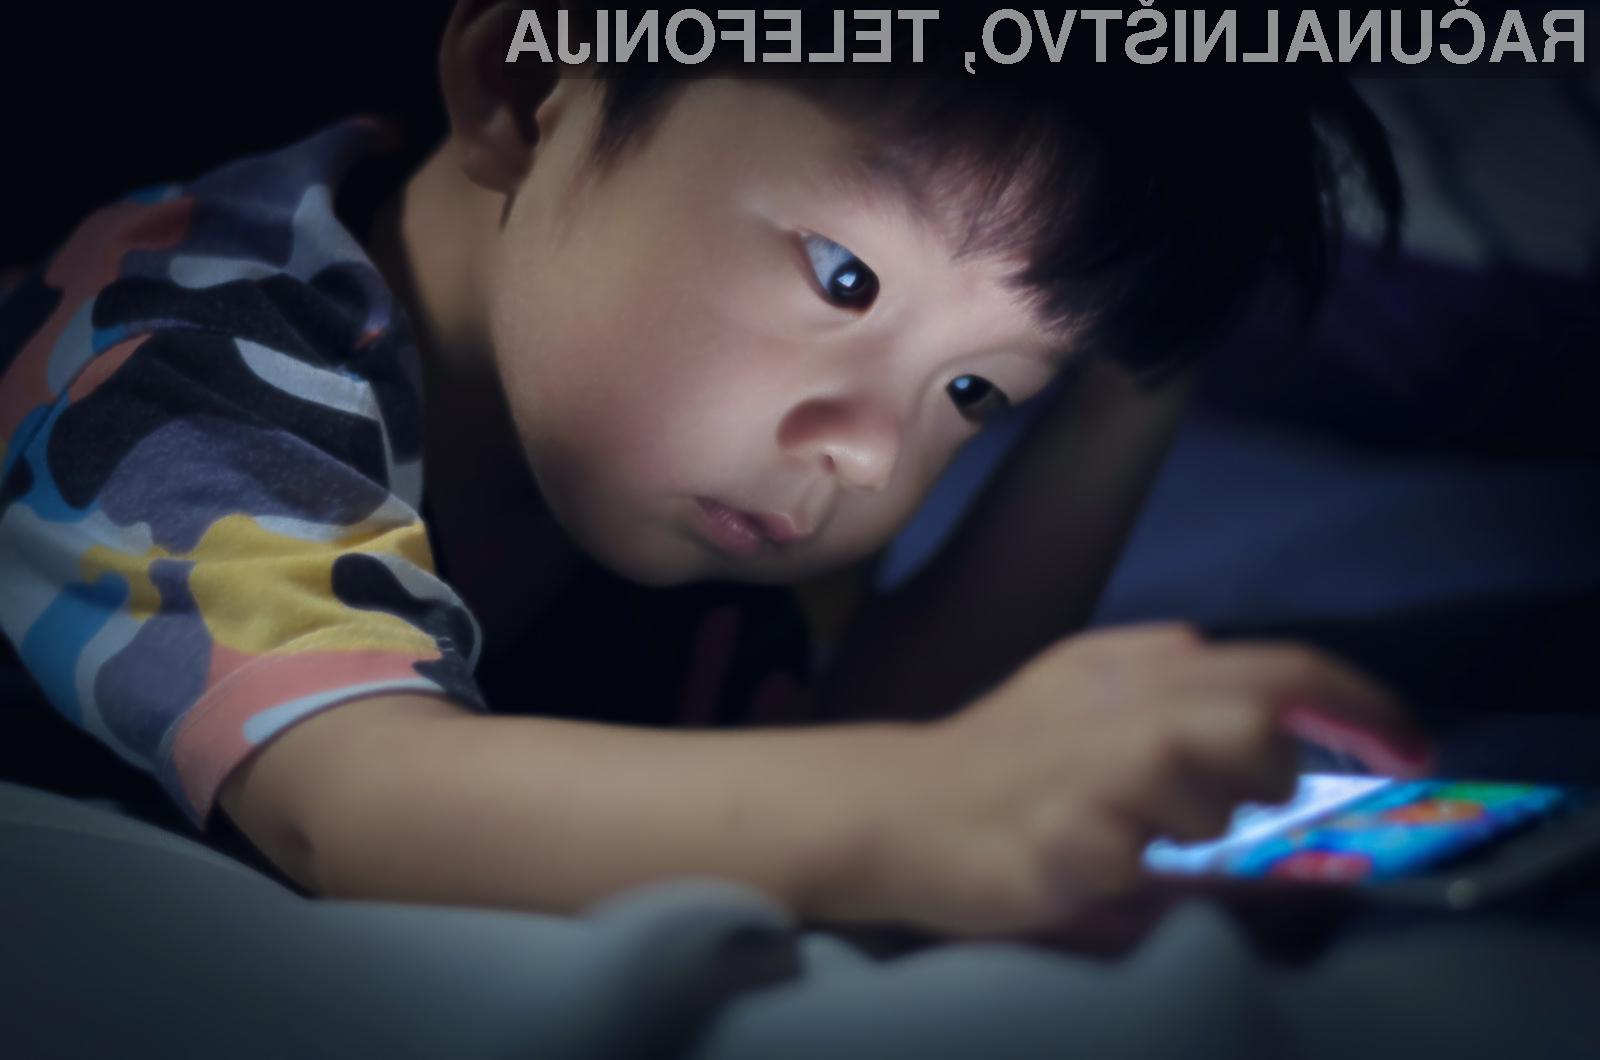 Nemudoma preverite, ali ste vašo mobilno napravo okužili z zlonamerno kodo!